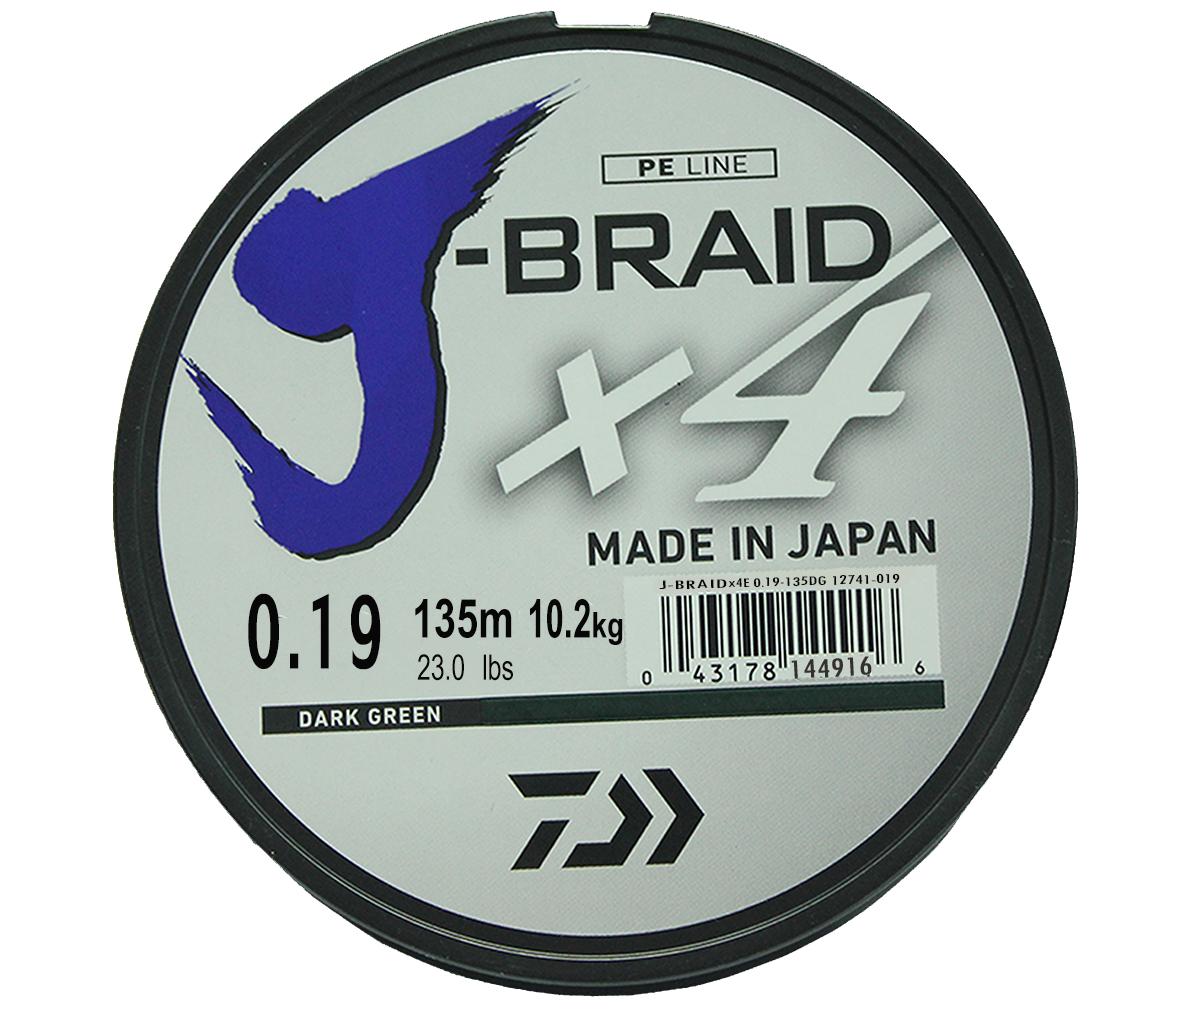 Шнур плетеный Daiwa J-Braid X4, цвет: зеленый, 135 м, 0,19 мм61163Новый 4х жильный шнур J-Braid, DAIWA - шнур высокого класса с удивительным соотношением цены и качества. Качество плетения полностью соответствует японским стандартам и удовлетворяет всем требованиям. Представленные диаметры позволяют использовать шнур для всех техник ловли, начиная от ultra- light ловли окуня, до морской ловли палтуса, трески и т.д